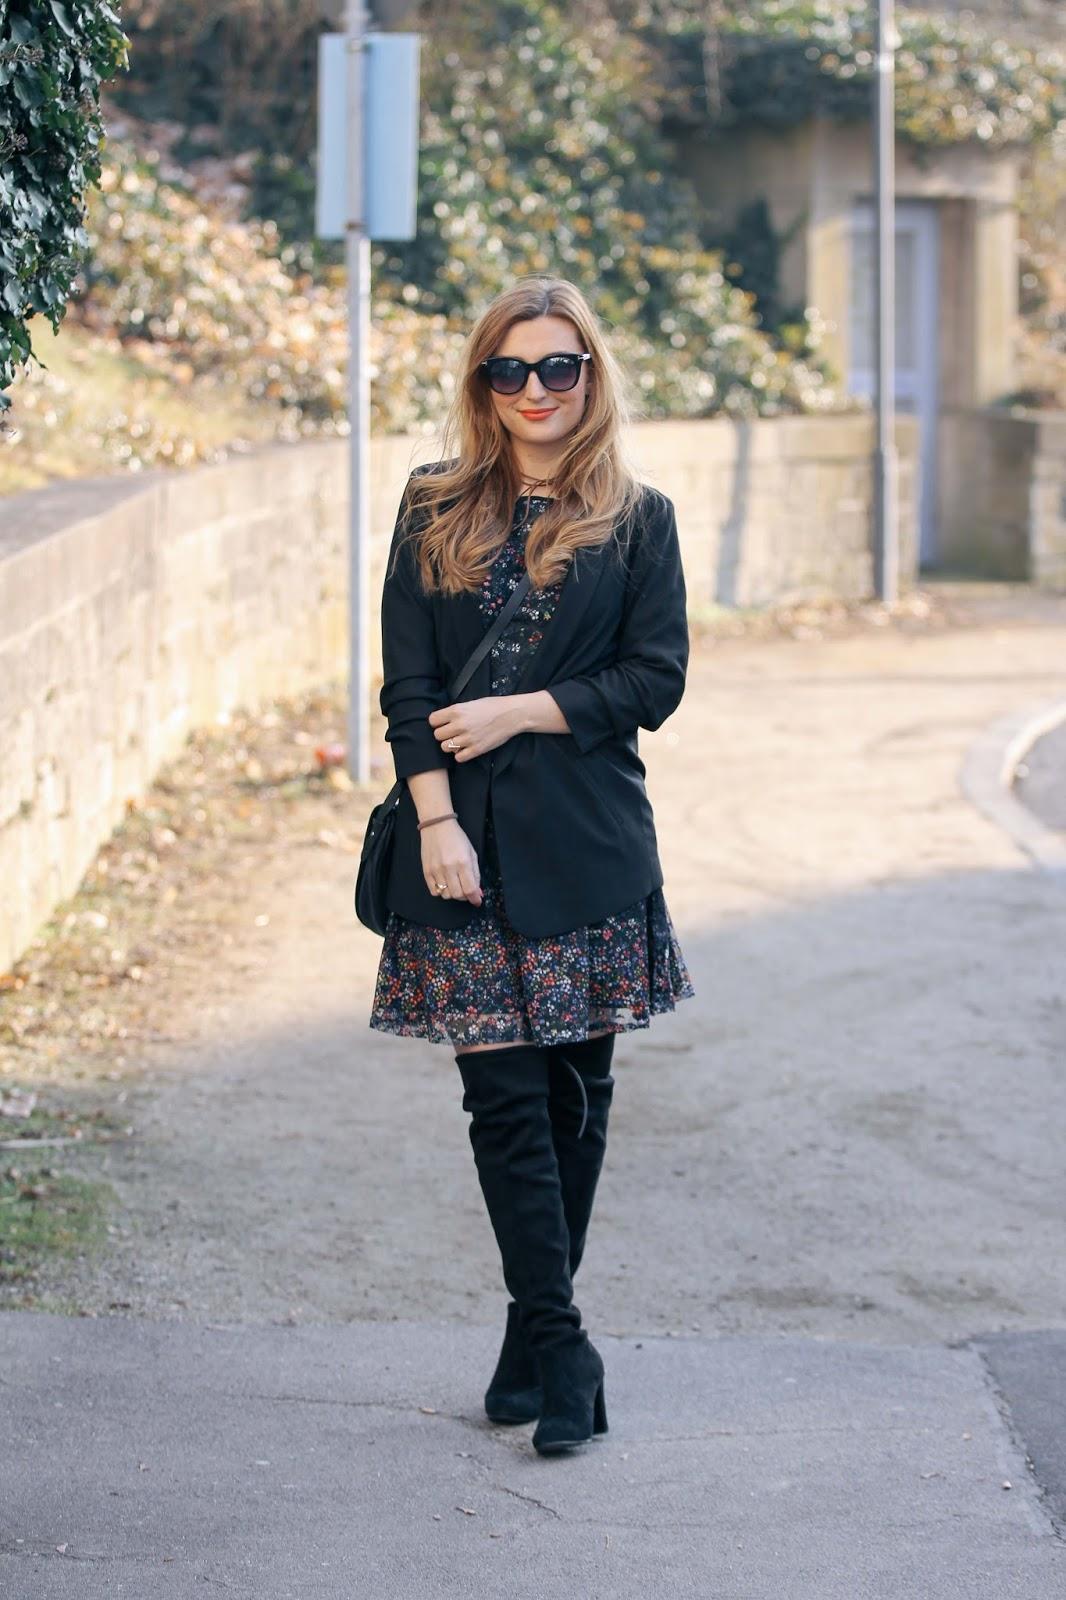 Fashionblogger-aus-deutschland-fashionstylebyjohanna-blogger-aus-deutschland-oasis-blumenkleid